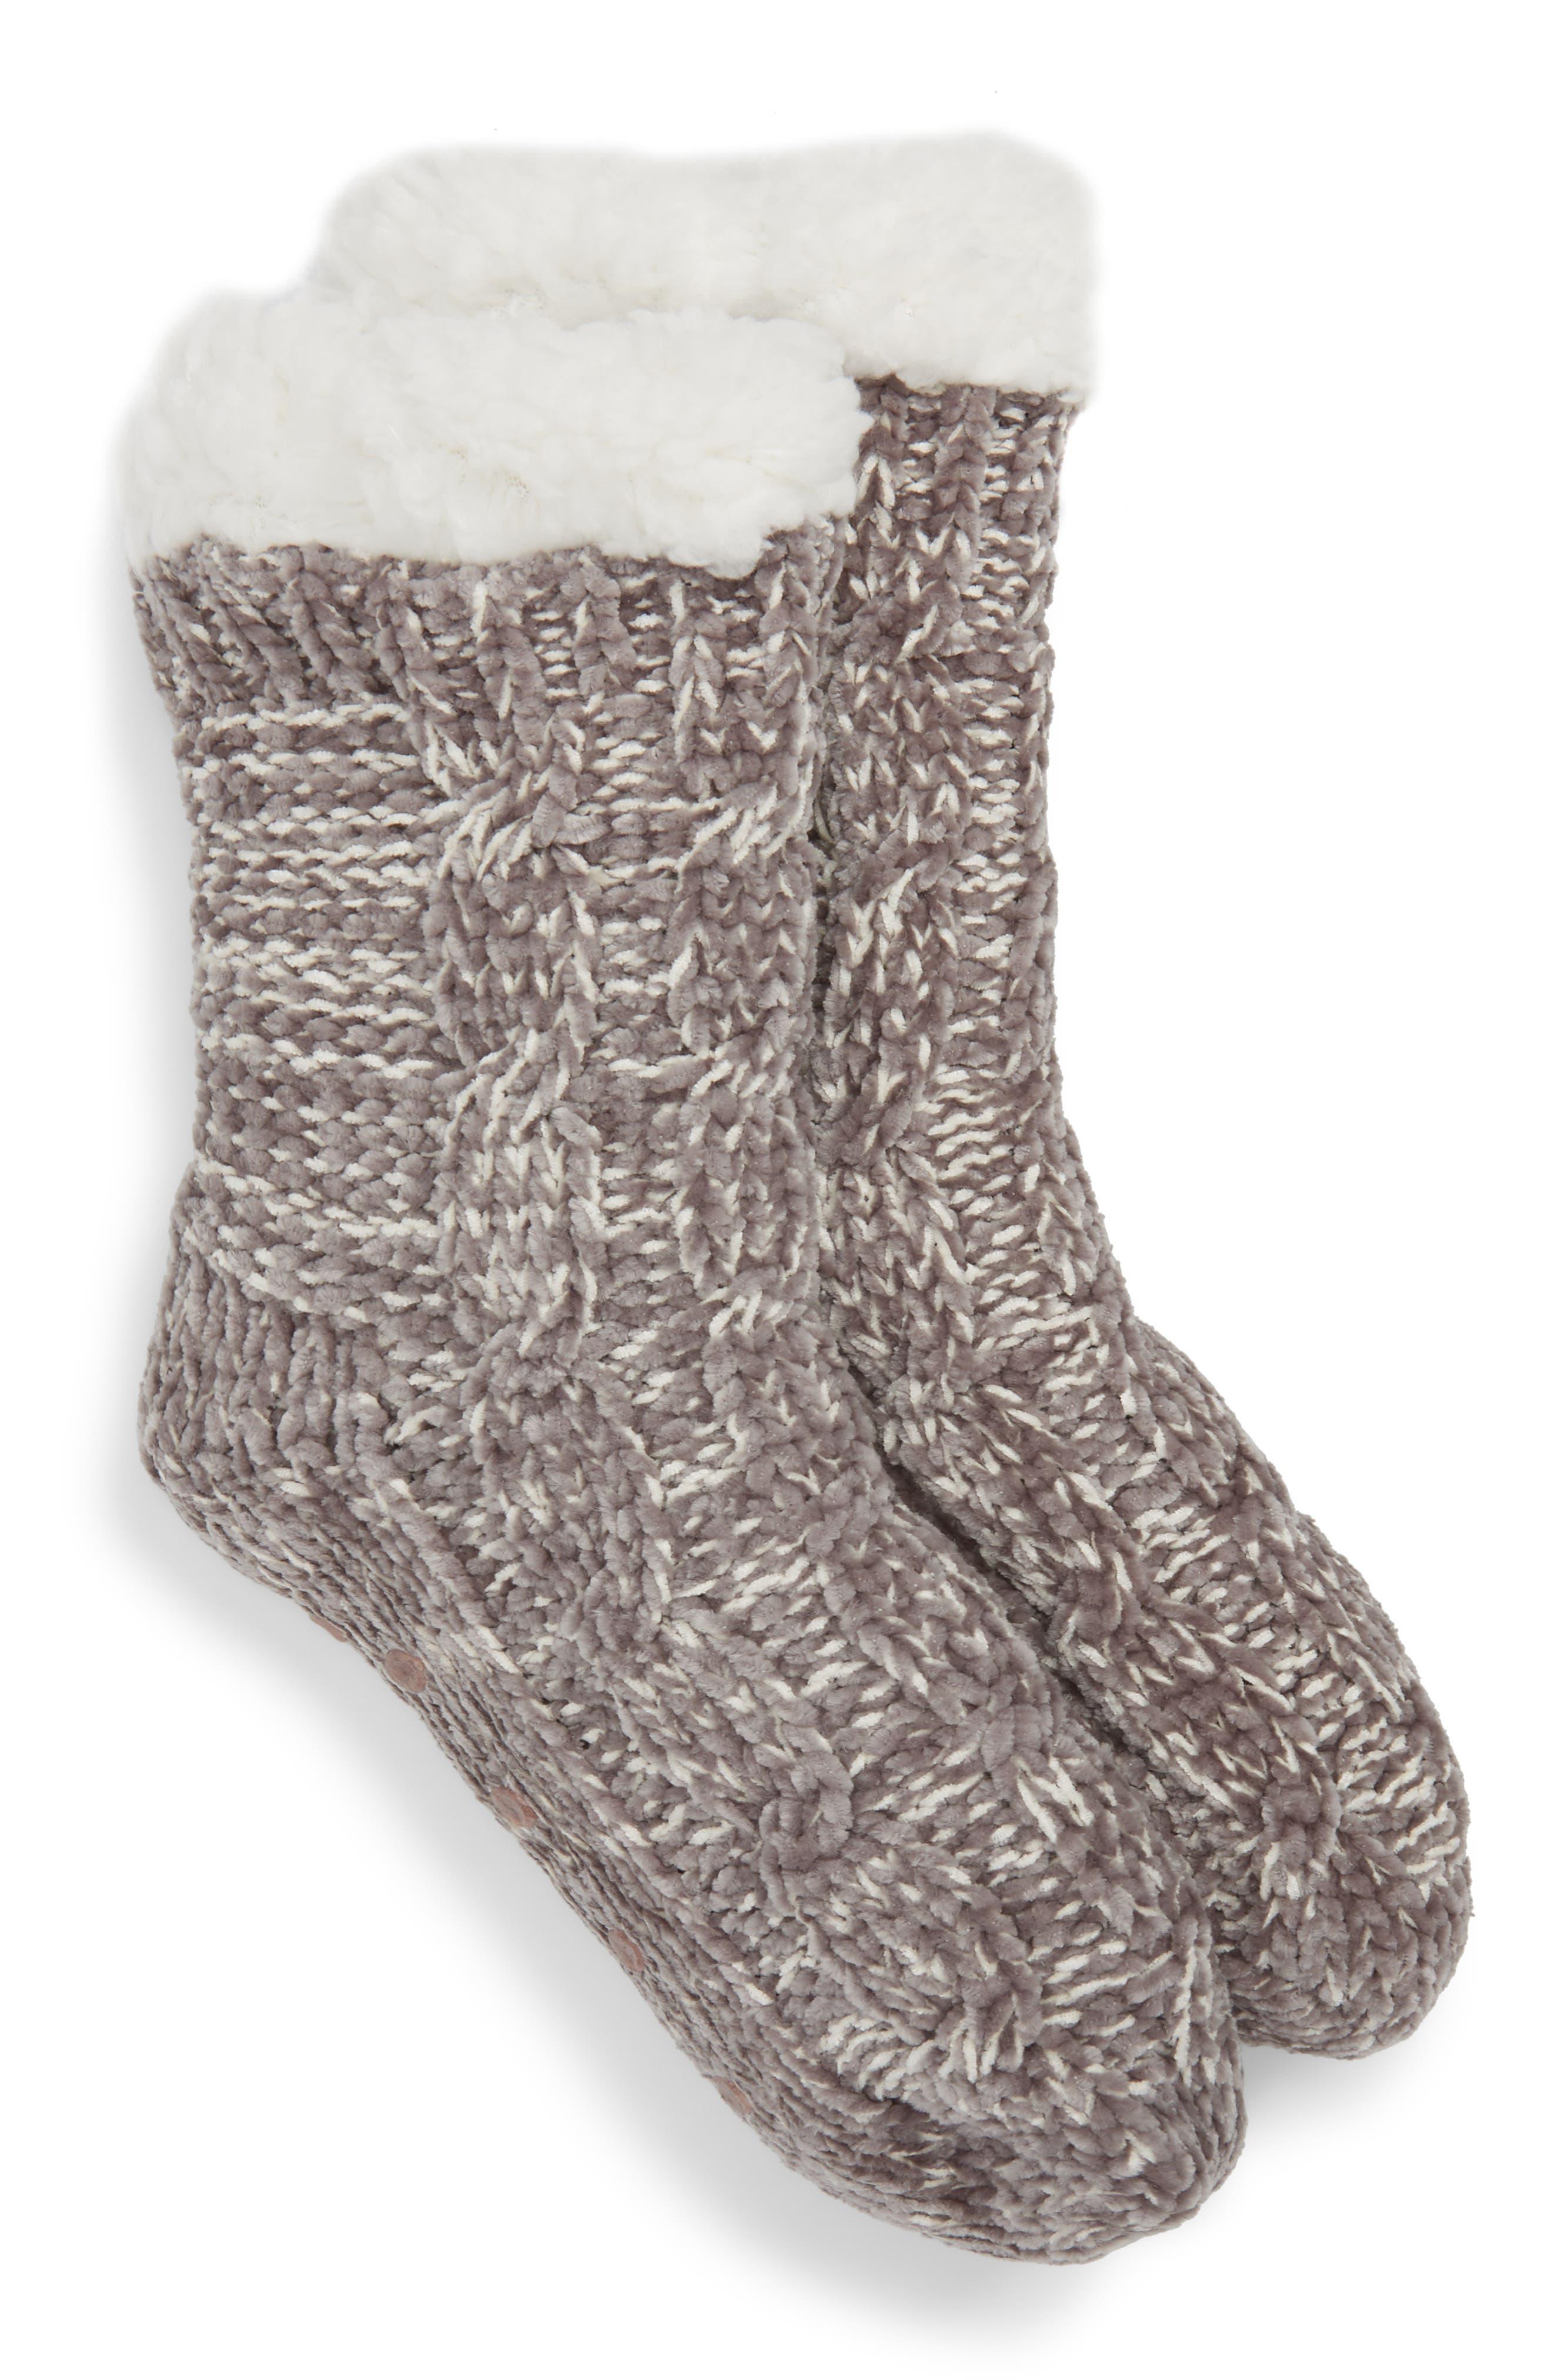 Chenille Slipper Sock,                             Main thumbnail 1, color,                             020